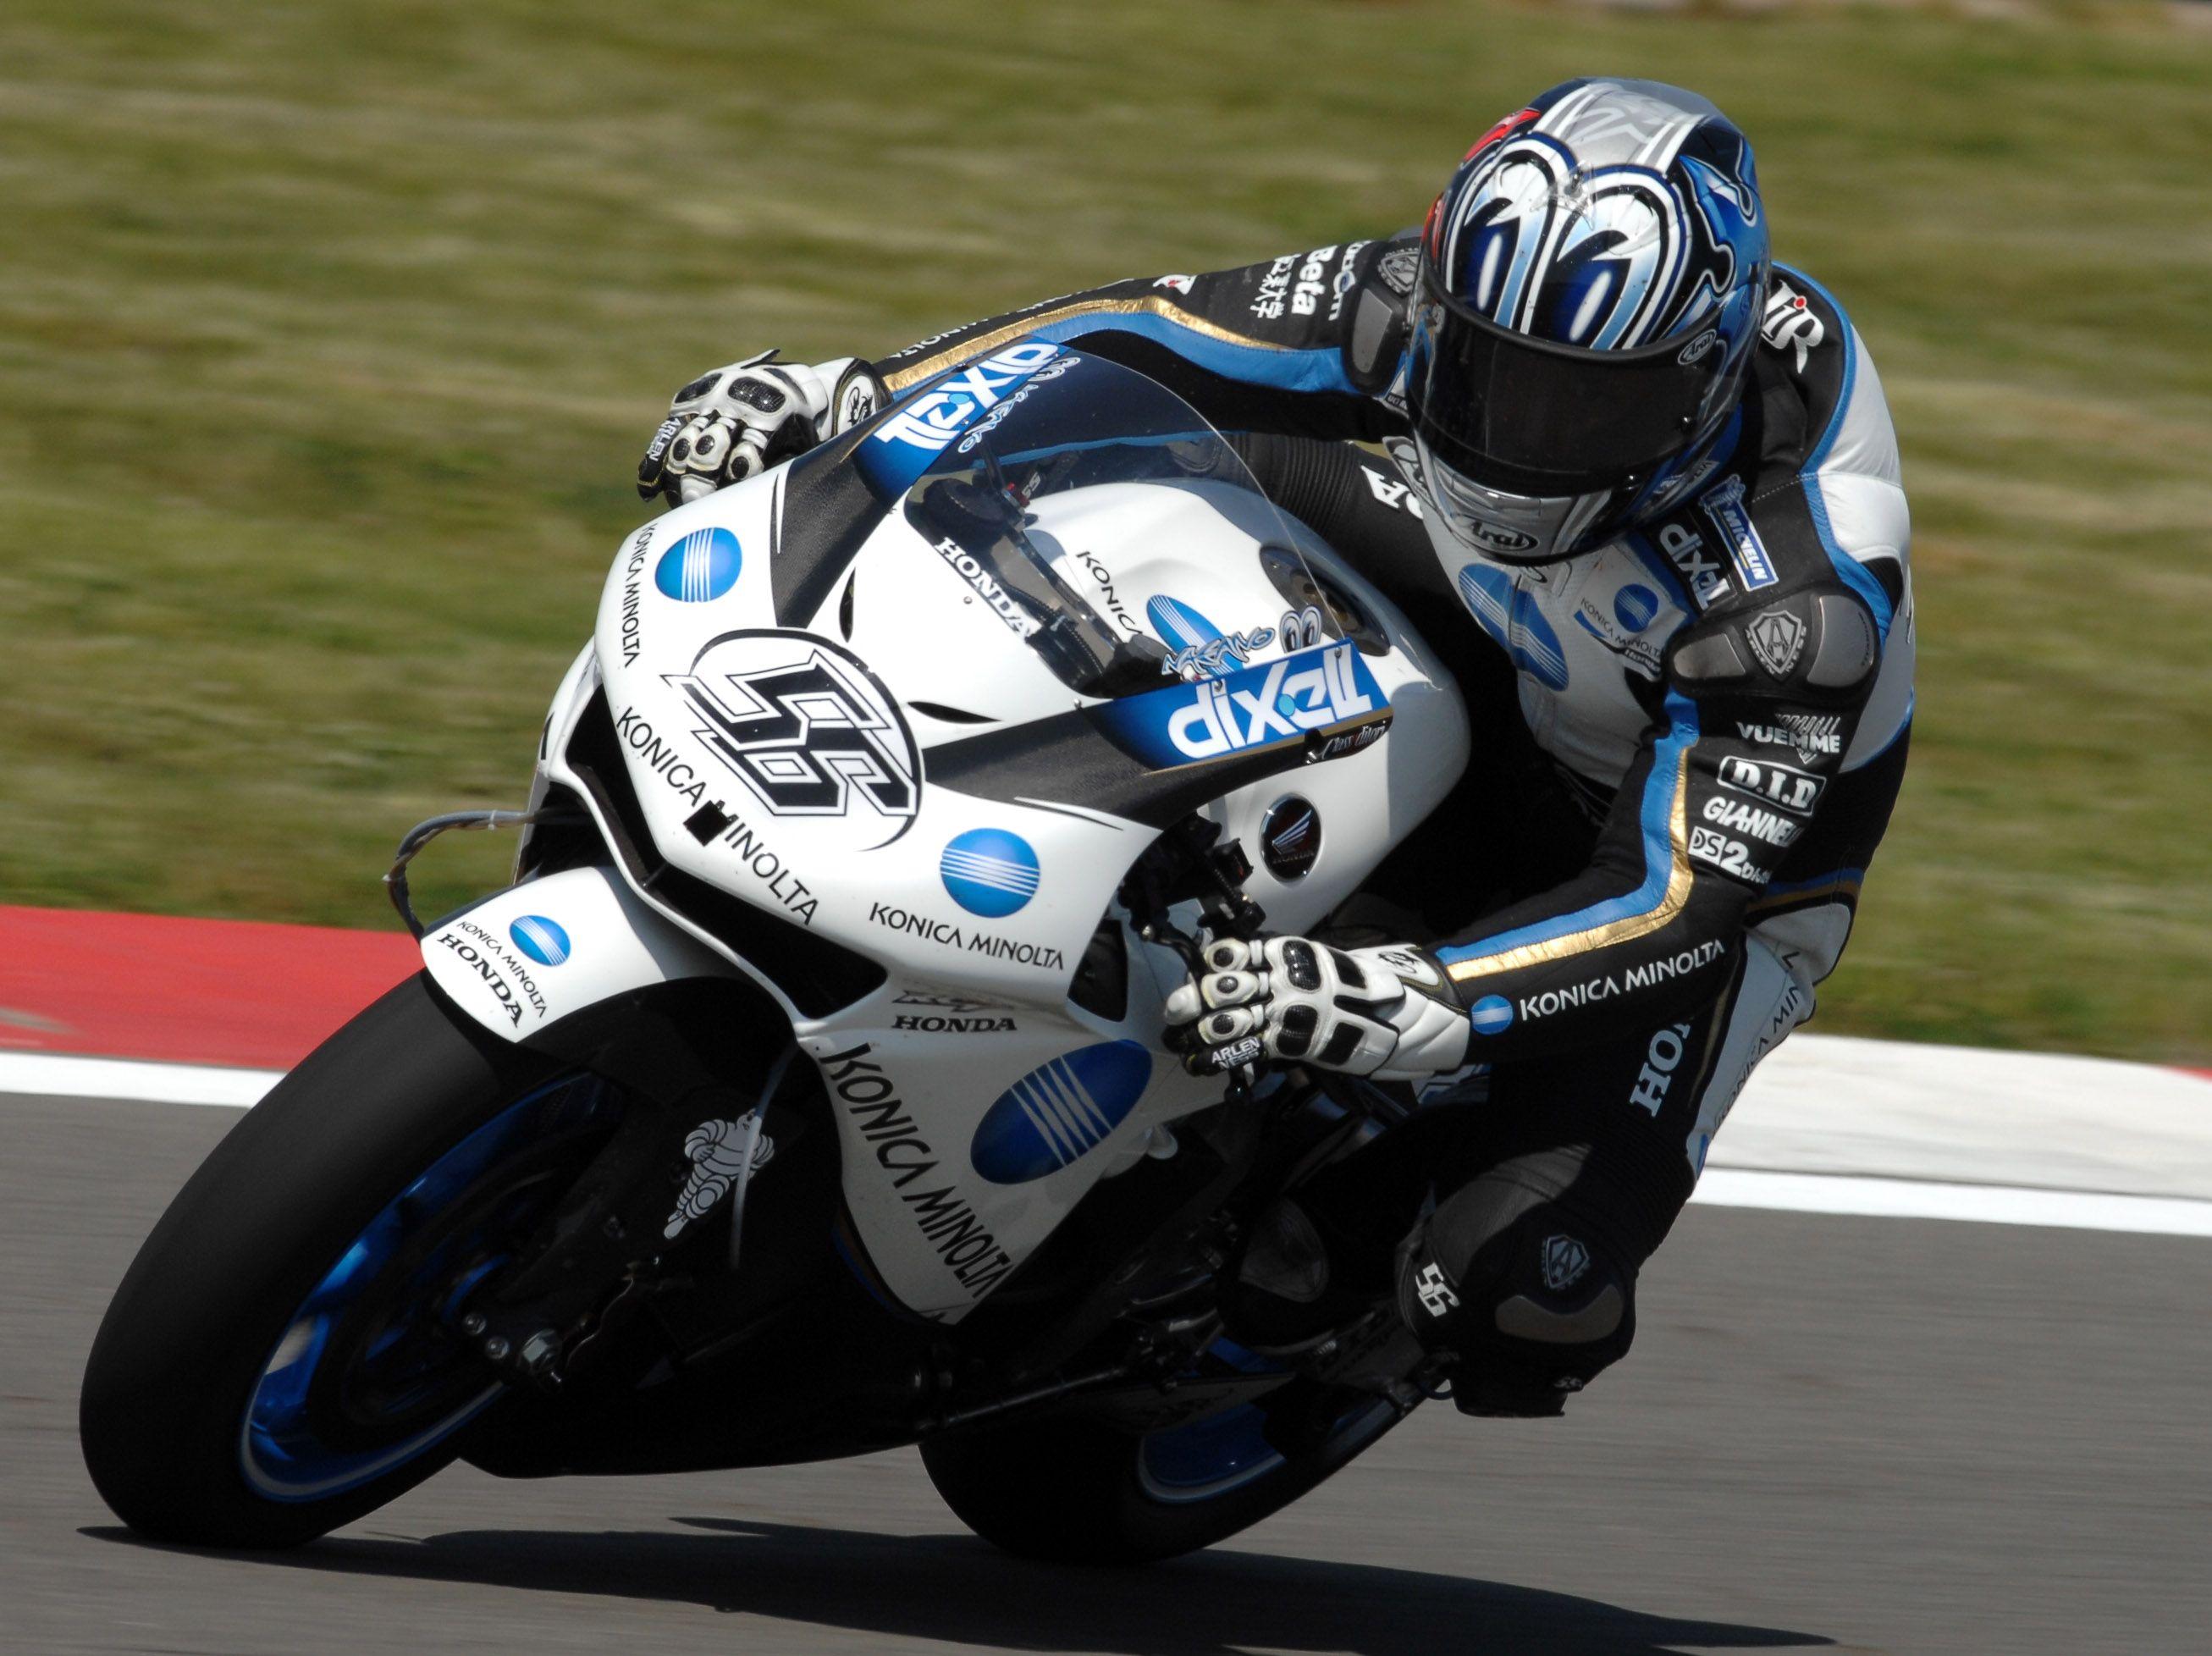 Shinya Nakano - Konica Minolta Honda - 2007 MotoGP | bike ...